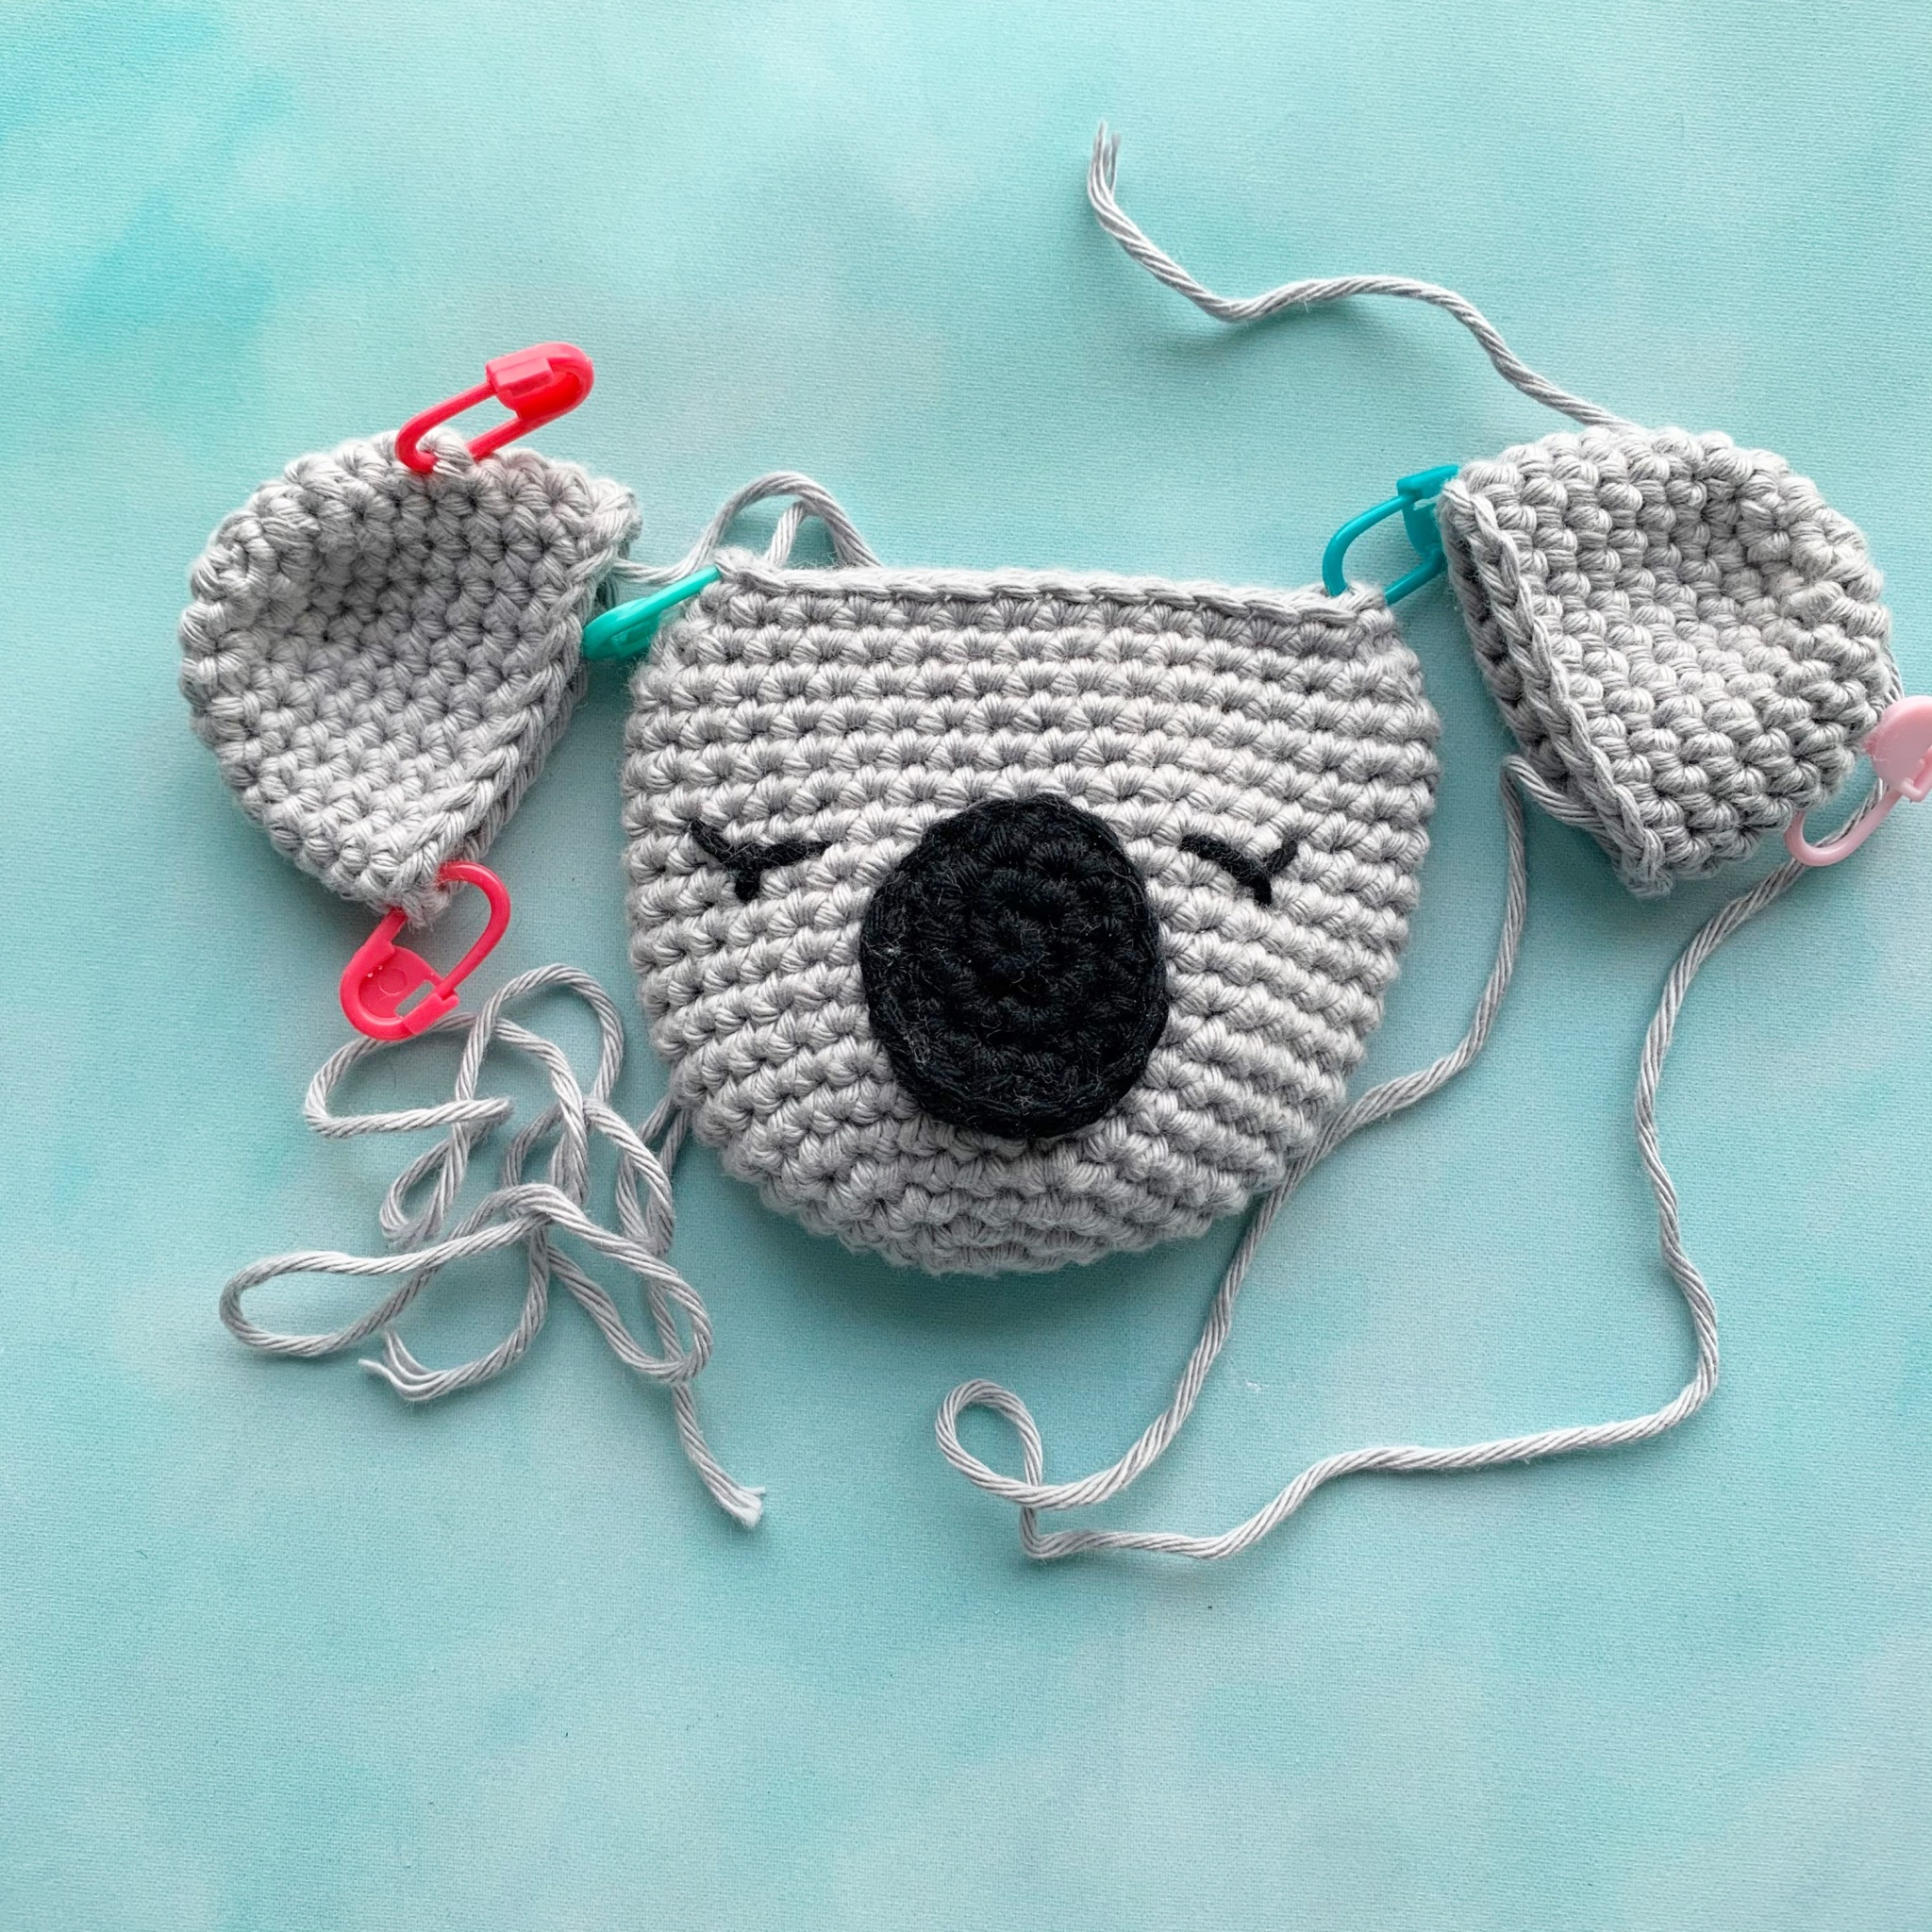 Crochet Lovey – WIP